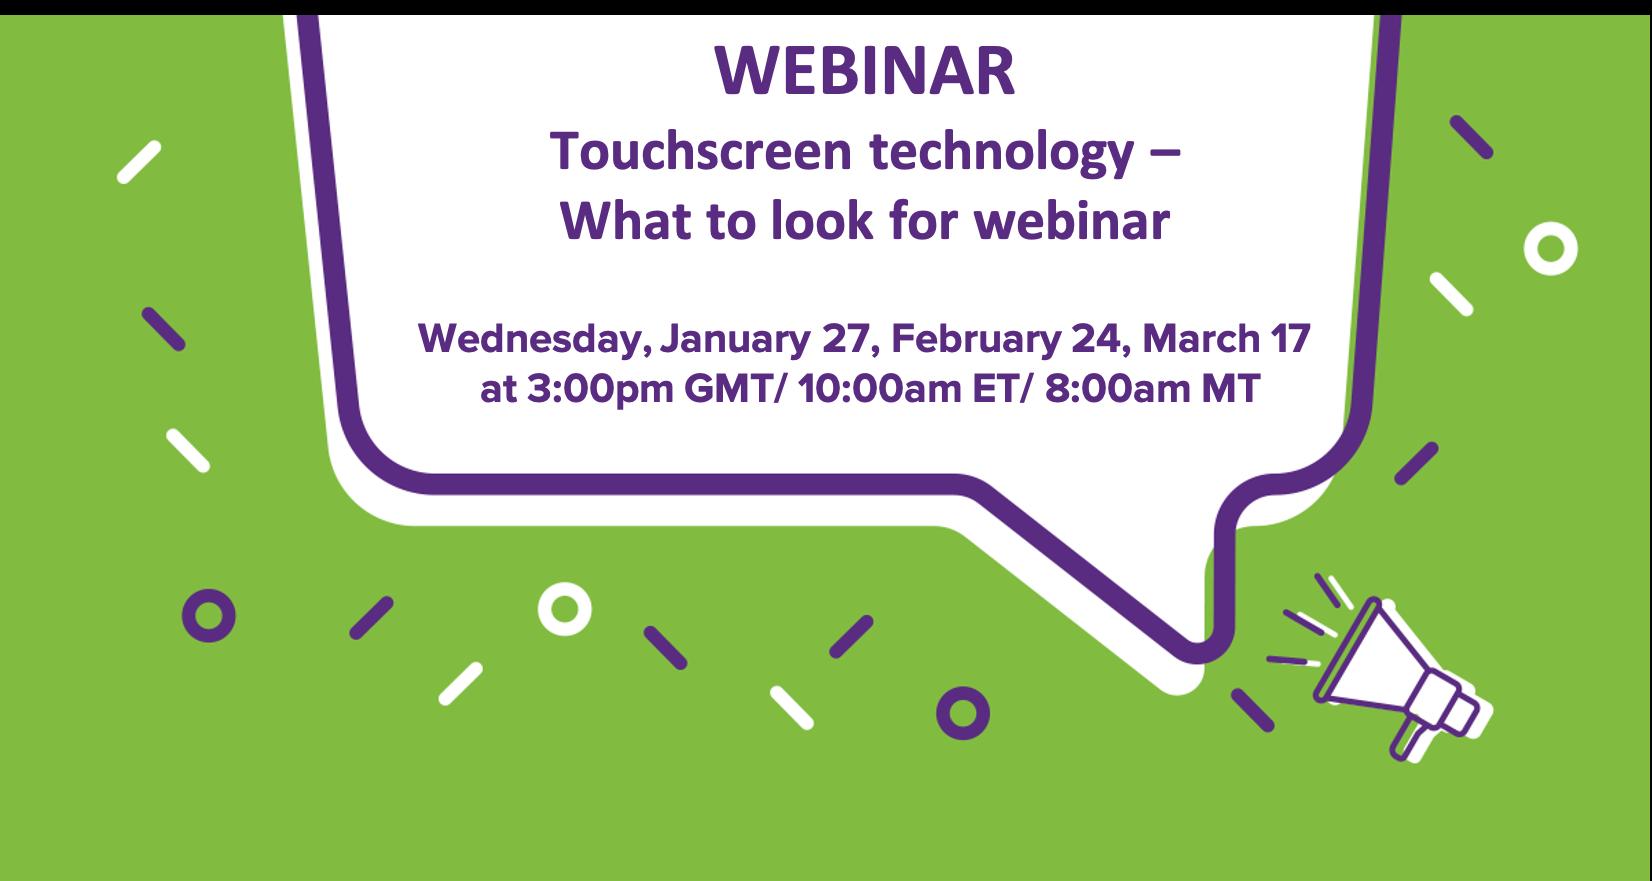 Q4 Tocuhscreen tech webinar